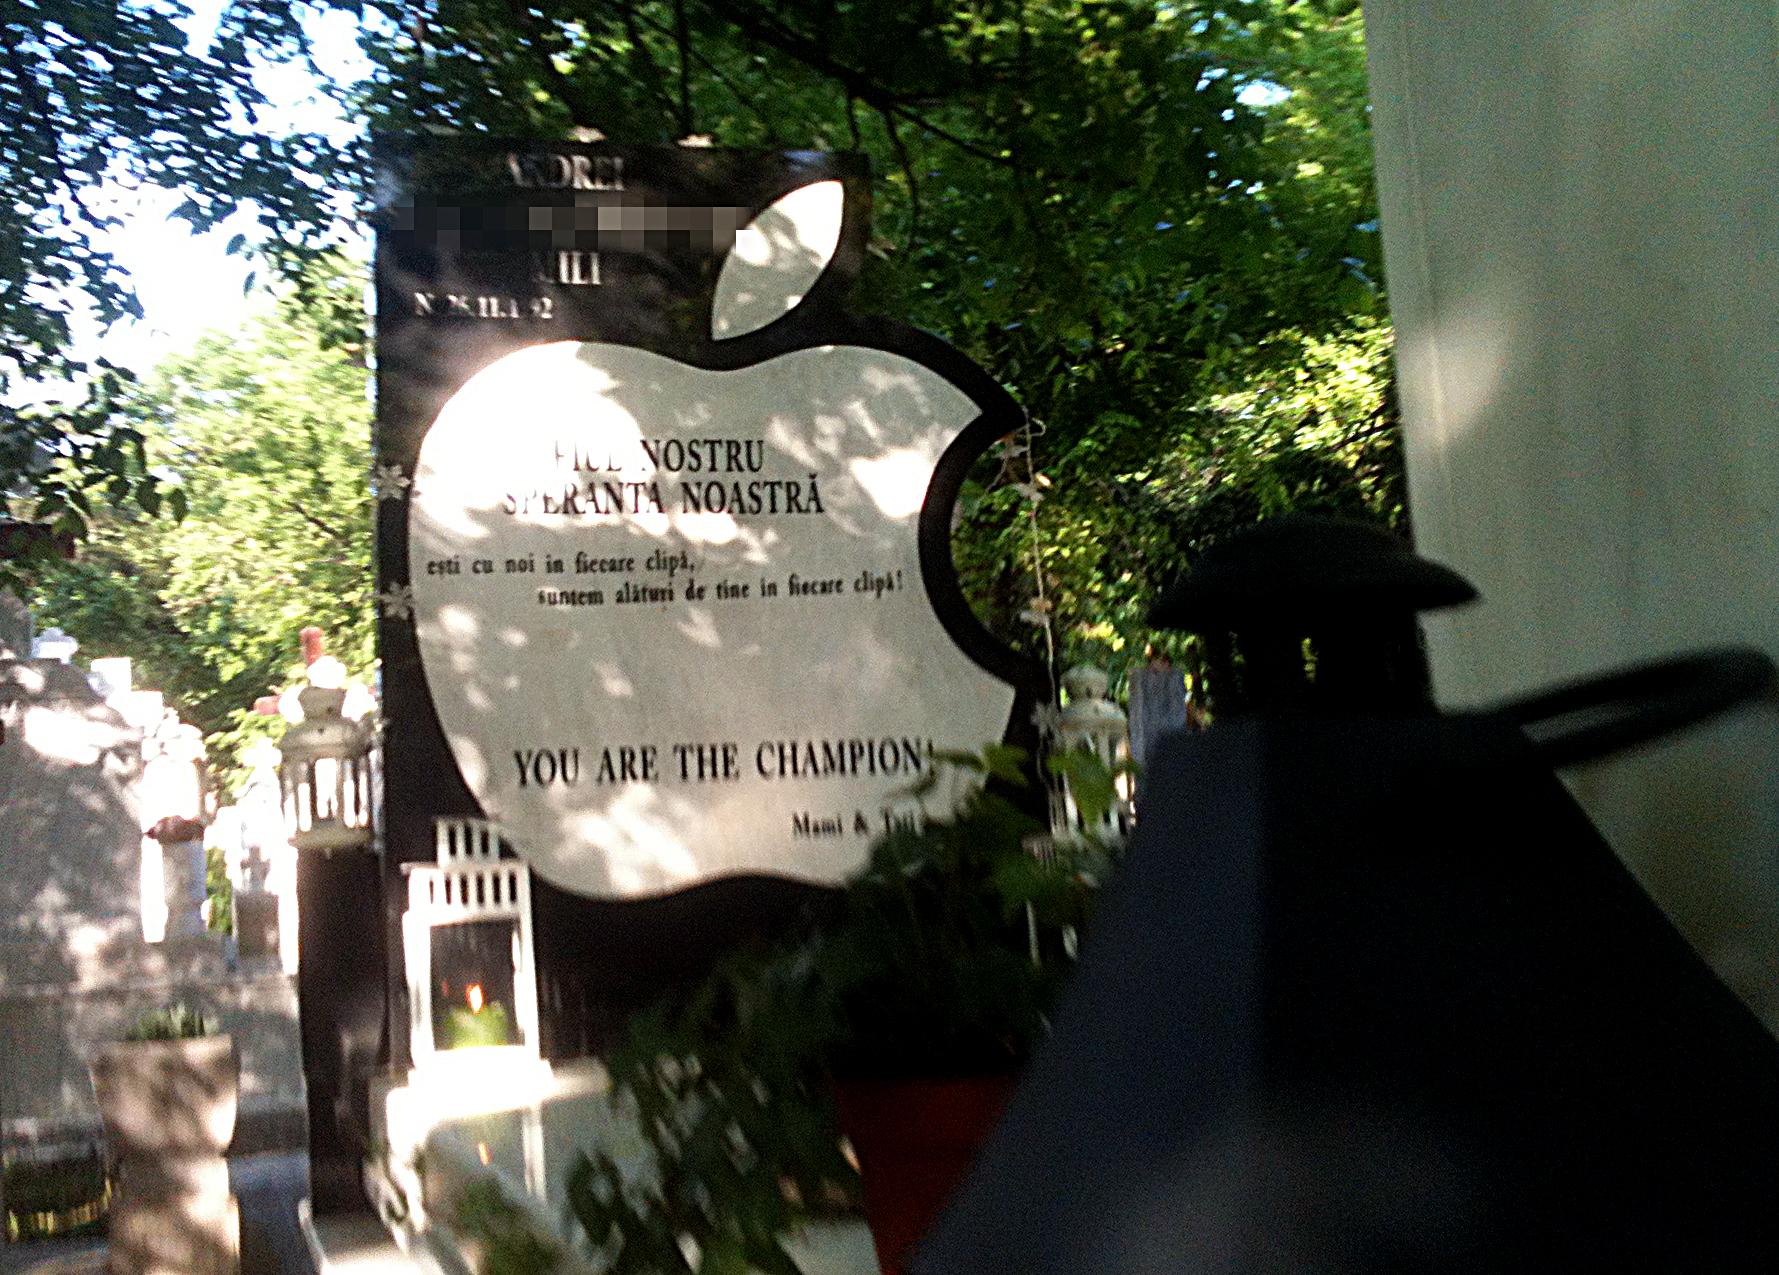 Tanarul de nici 21 de ani are un monument funerar in forma marului de la Apple